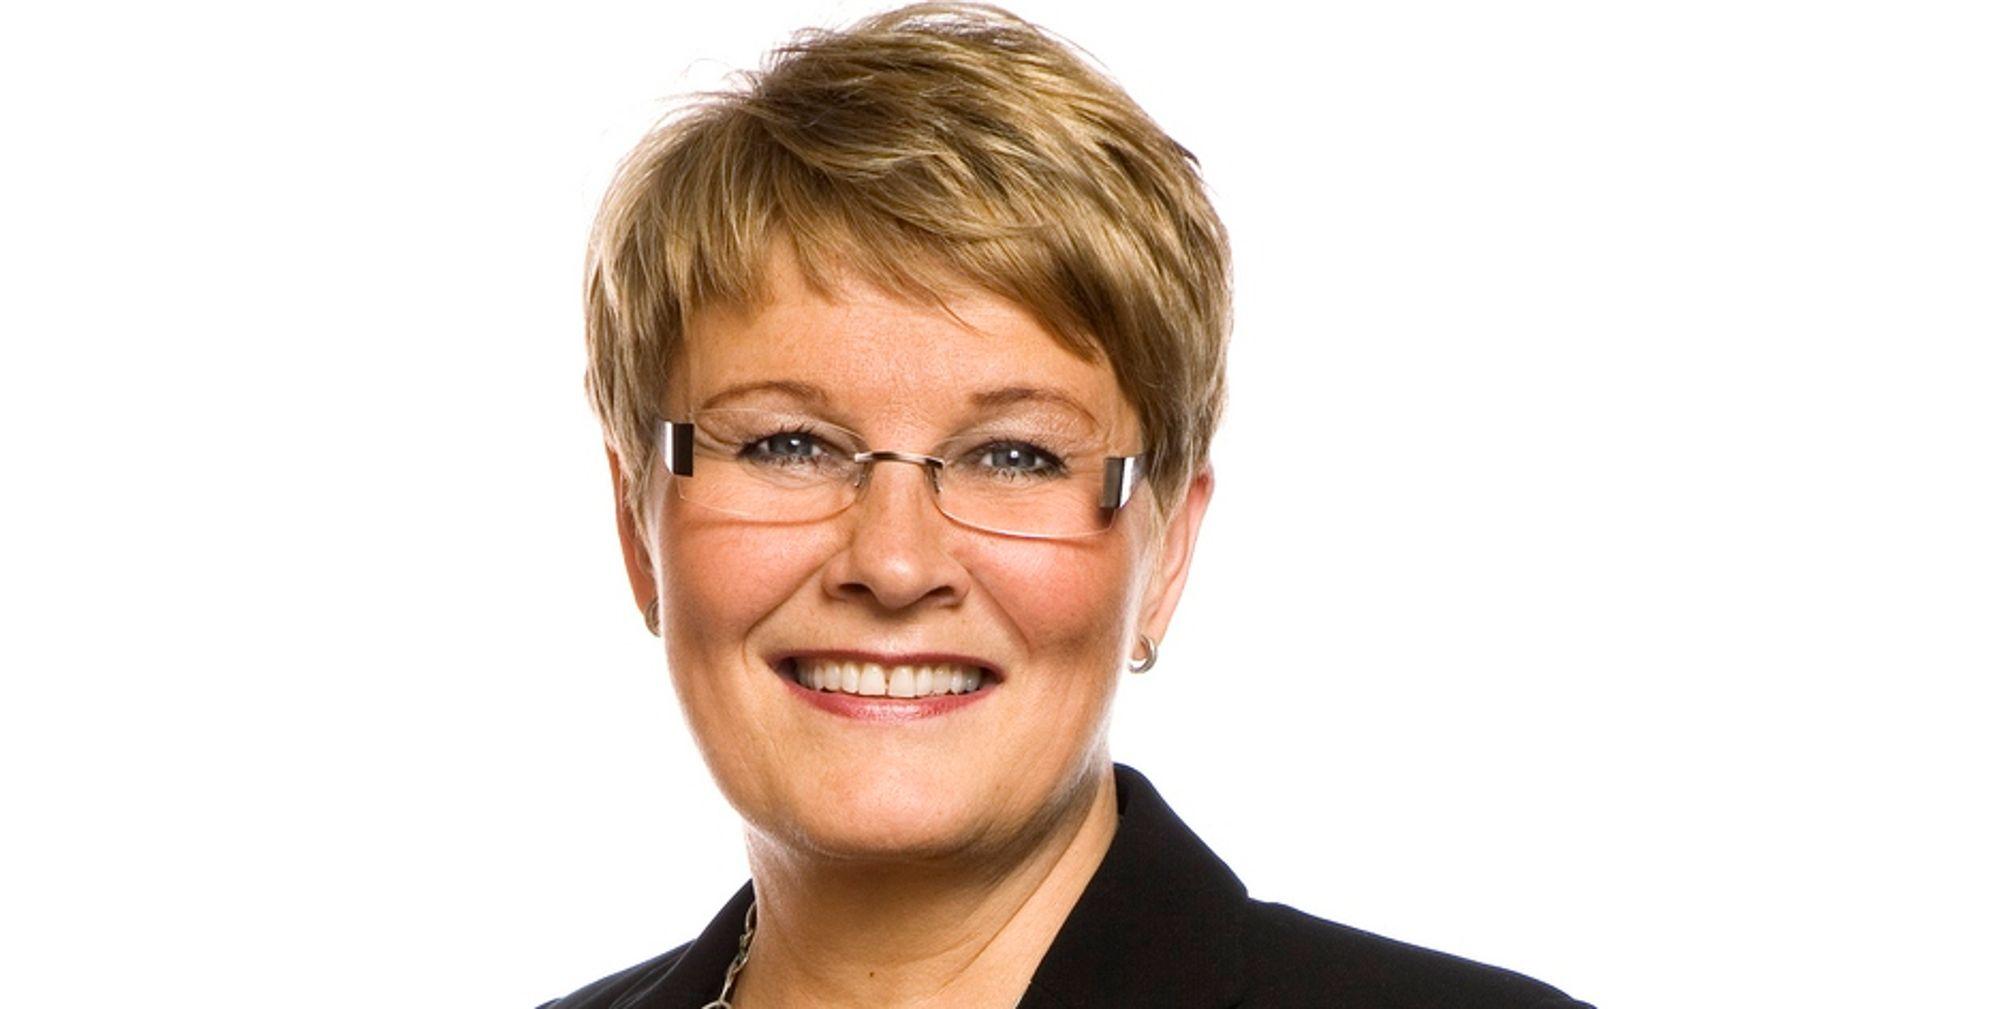 VIL STOPPE SLØSING: Den svenske næringsministeren Maud Olofsson (Centerpartiet) legger nye 300 millioner kroner på bordet for å få til mer energieffektivisering.